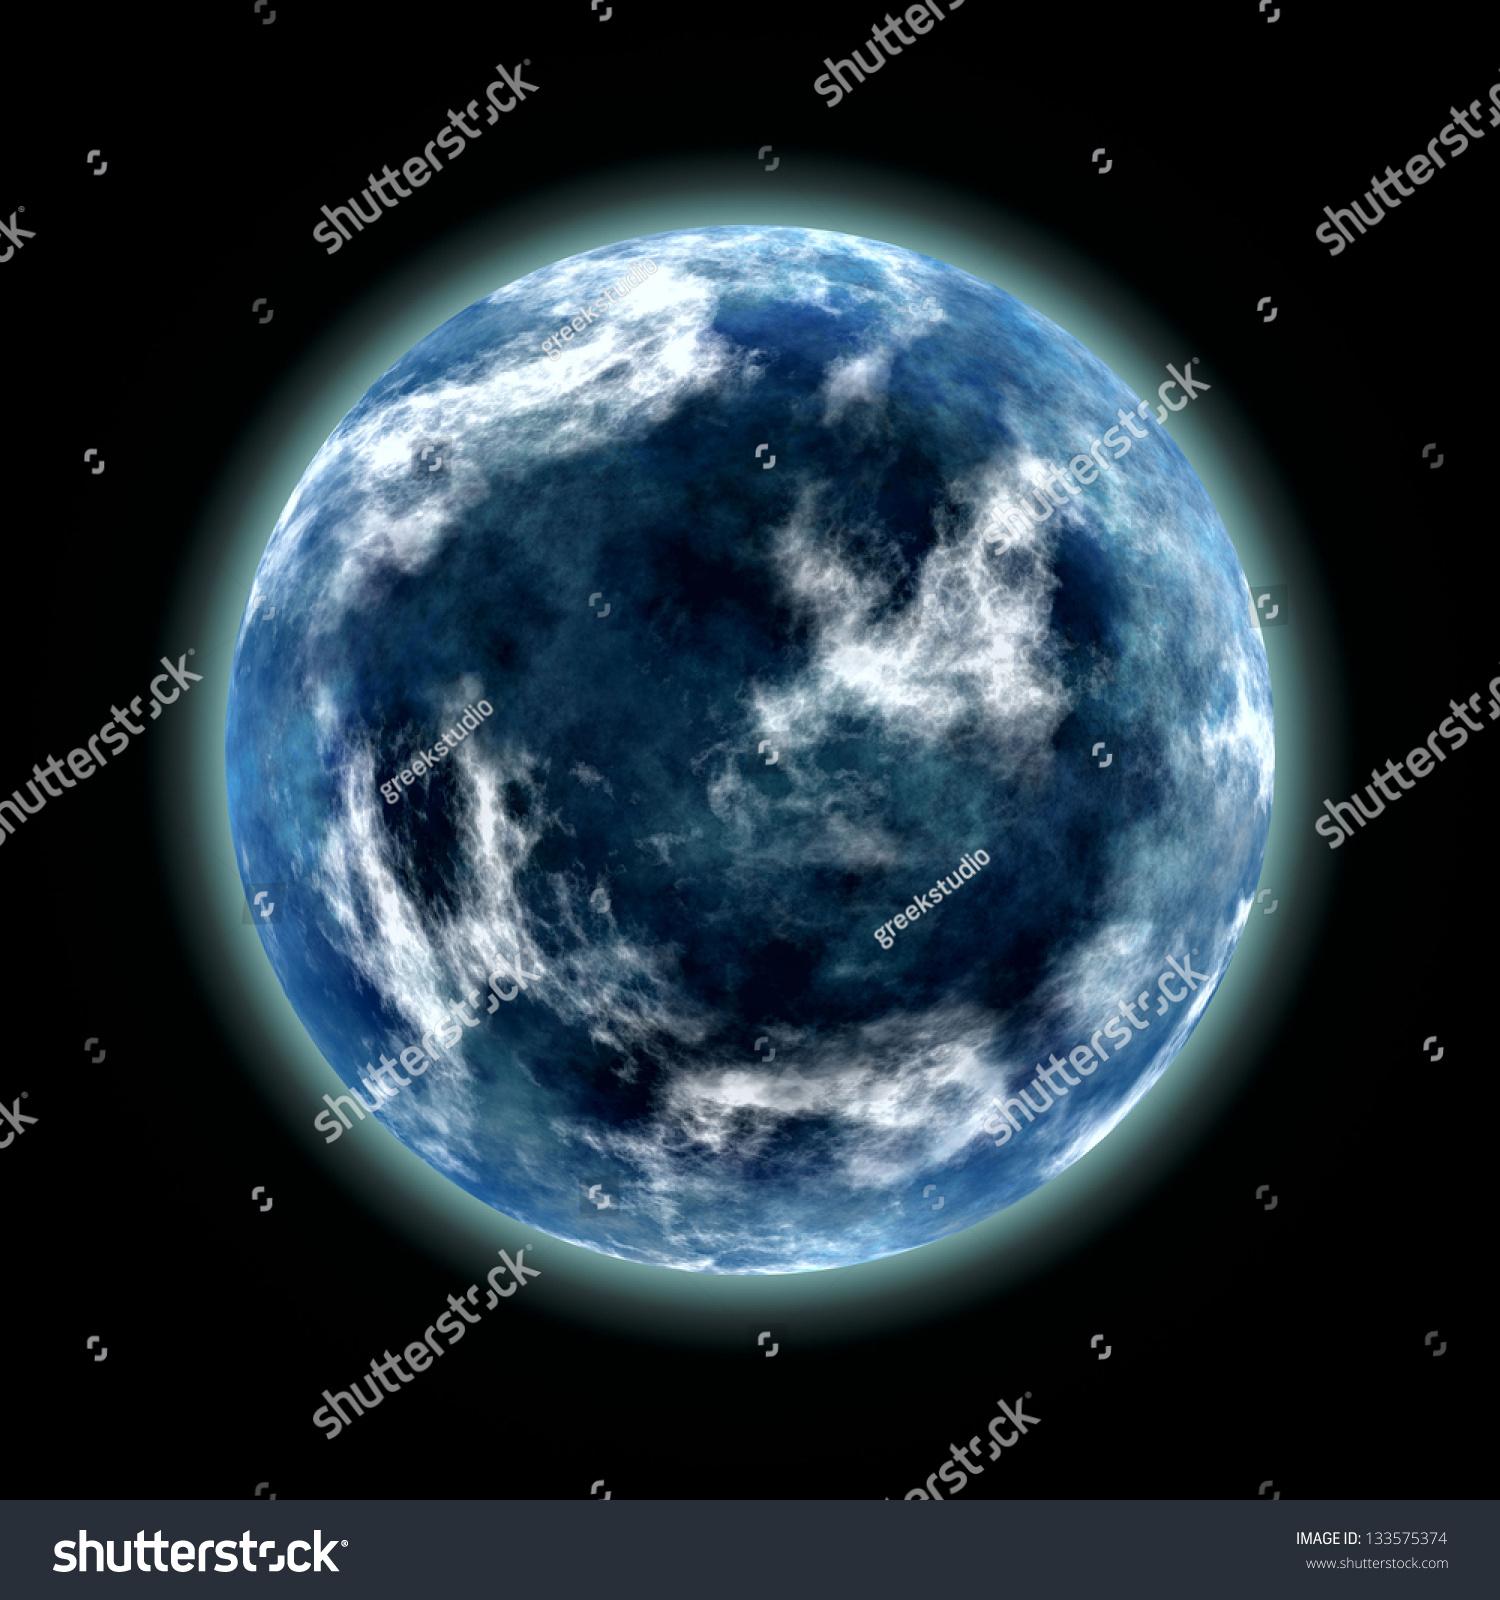 抽象的蓝色星球的形象-背景/素材-海洛创意(hellorf)